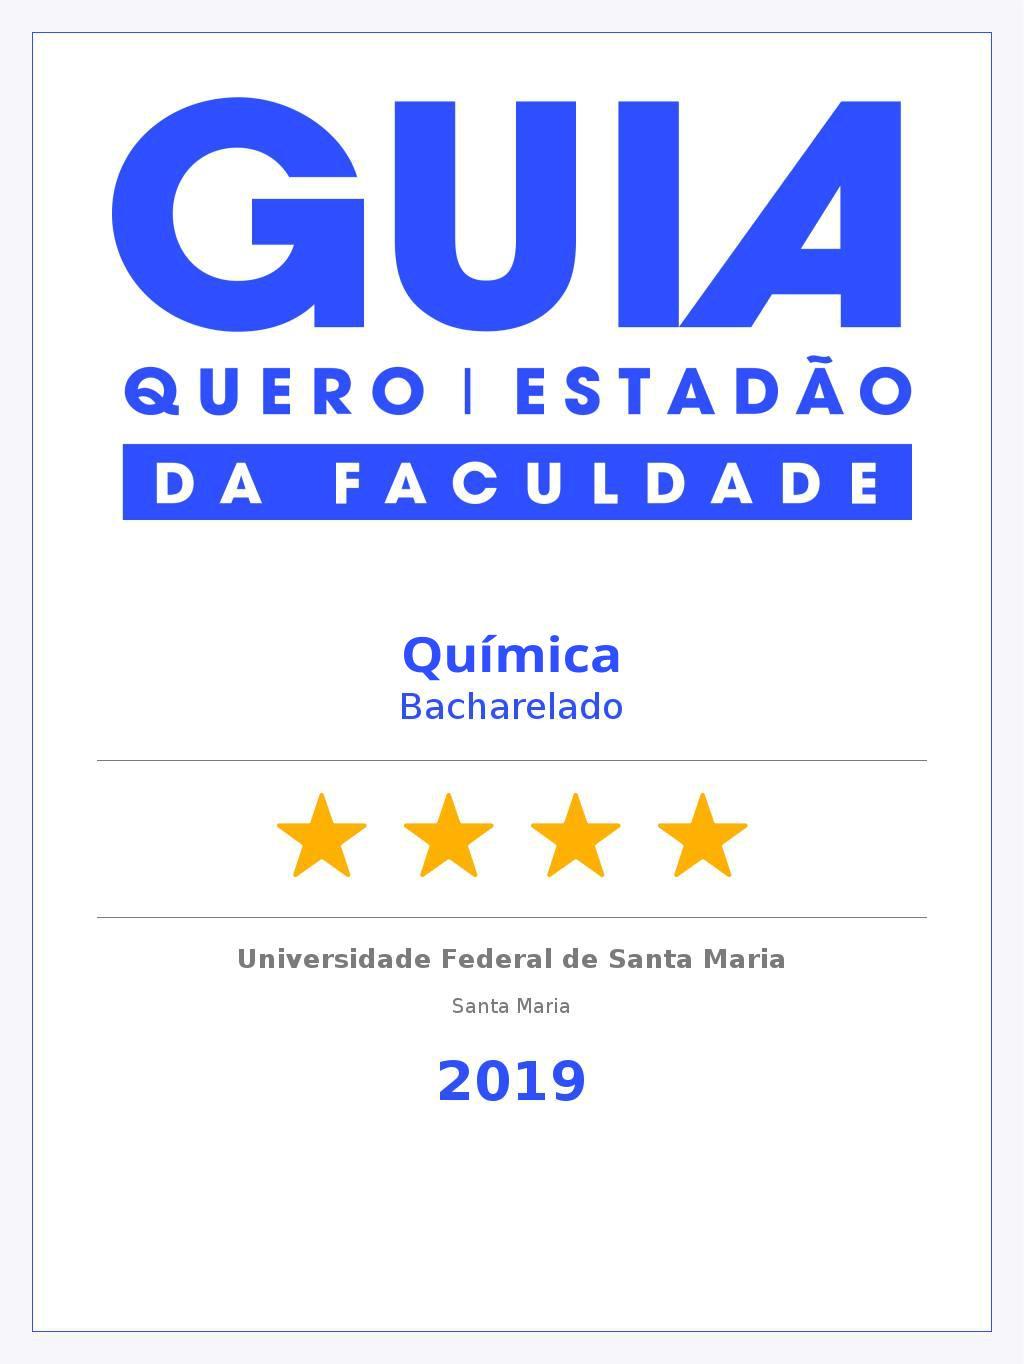 Guia da Faculdade 2019 - Química Bacharelado